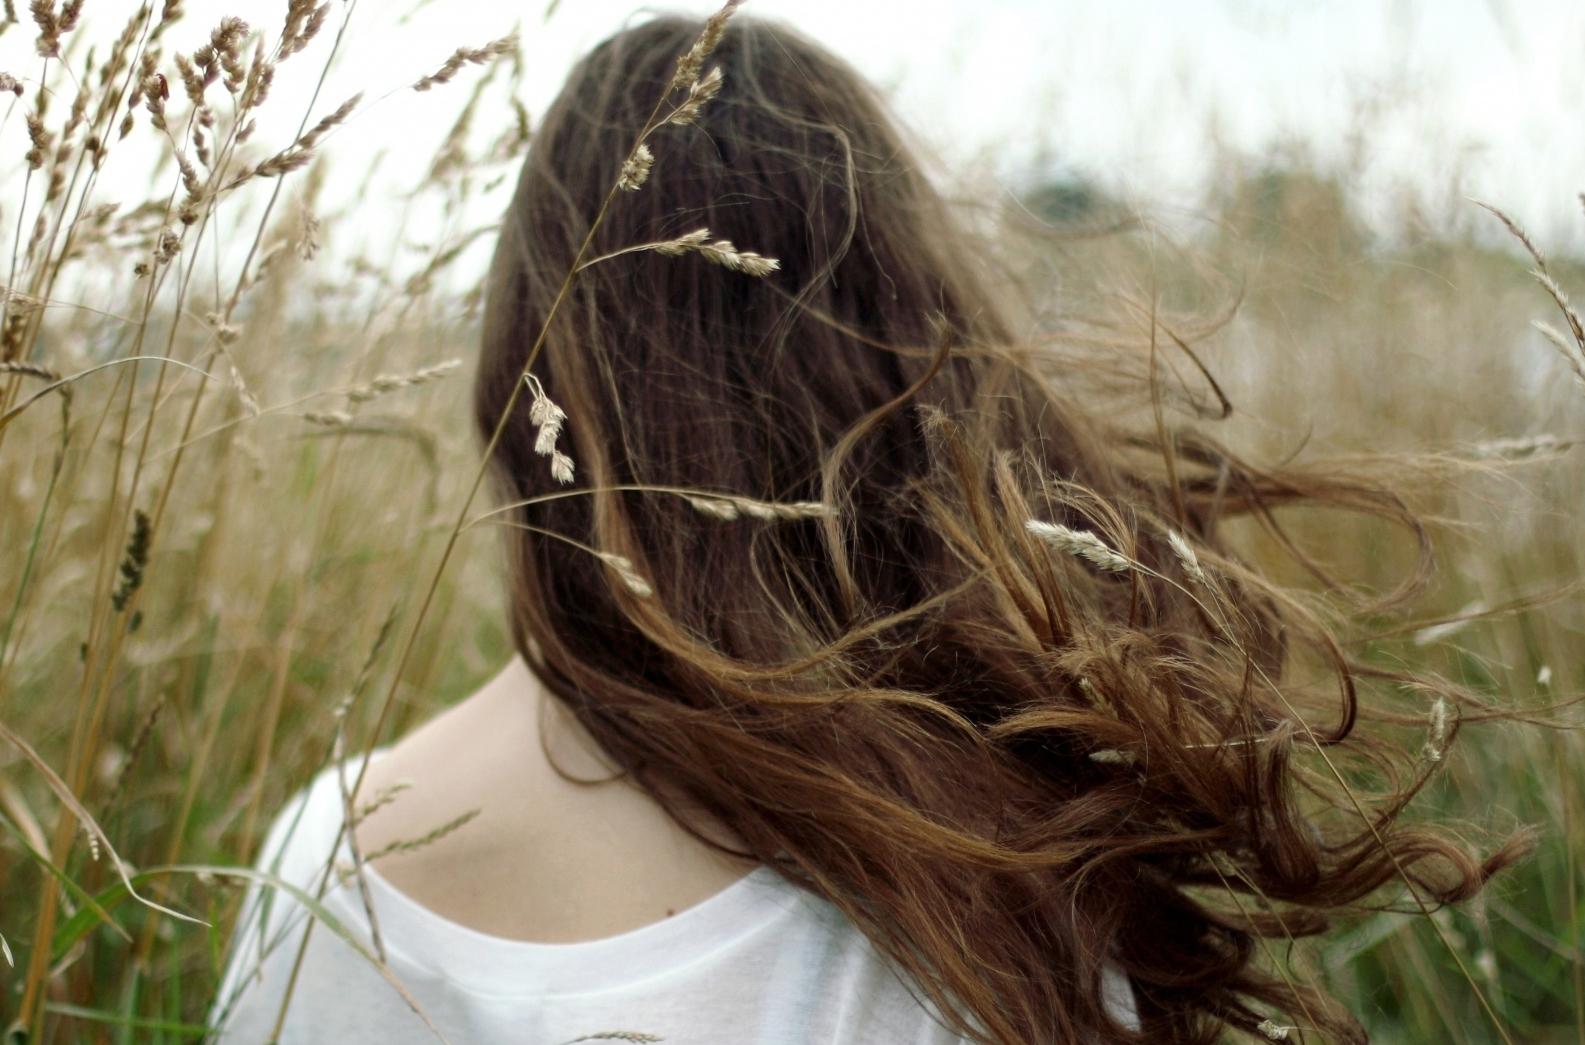 Có lẽ nào em lại quên anh? Khi đôi mắt vẫn long lanh ngấn lệ Ngẫm chuyện cũ... lòng vẫn đau đến thế Có lẽ nào em lại quên anh...  Có lẽ nào anh lại quên em? Khi chính anh biết em là duy nhất Anh hiểu em là người yêu anh nhất Suốt đời này không có kẻ thứ hai.  Cuộc tình tan vỡ có kẻ đúng, người sai Mà có thể cũng chẳng ai sai cả Khi đã quyết đường tình chia hai ngã Tự nhủ lòng: duyên nợ chỉ đến đây!  Người ở lại đau đến dại ngây Kẻ ra đi cũng ôm lòng ray rứt Nghĩ về nhau biết bao là cảm xúc Dẫu hết tình thì nghĩa cũng đầy vơi  Thì làm sao quên nhau được ai ơi Chỉ là tạm xếp nhau vào góc khuất Là quá khứ - có nghĩa: từng-tồn-tại Có lẽ nào mình lại quên nhau?